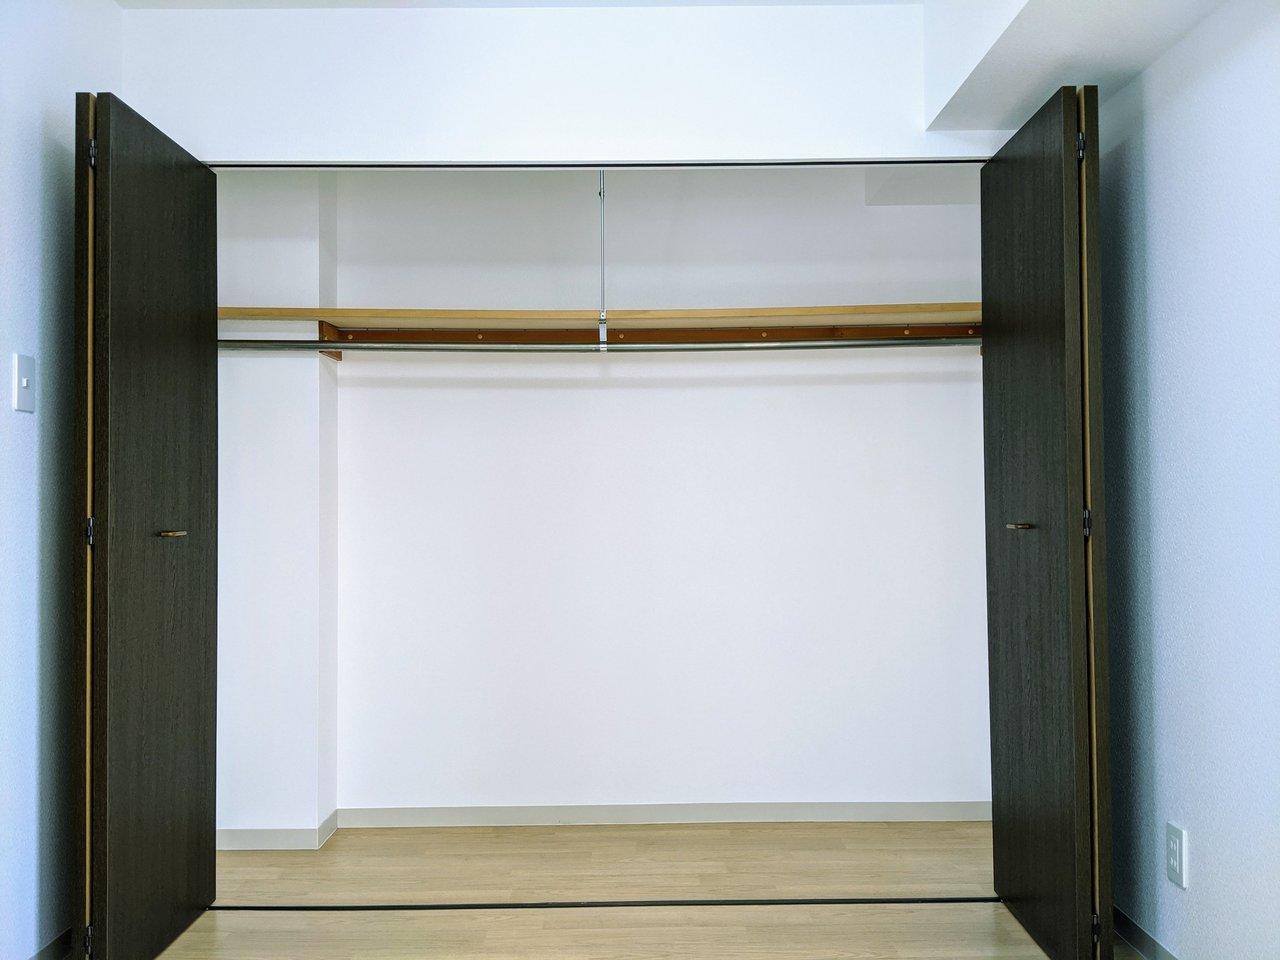 洋室にある収納スペースは、文句なしの大容量!普段使わないものはここにすべてしまって、できるだけシンプルに心地よくお部屋作りができたらいいですね。